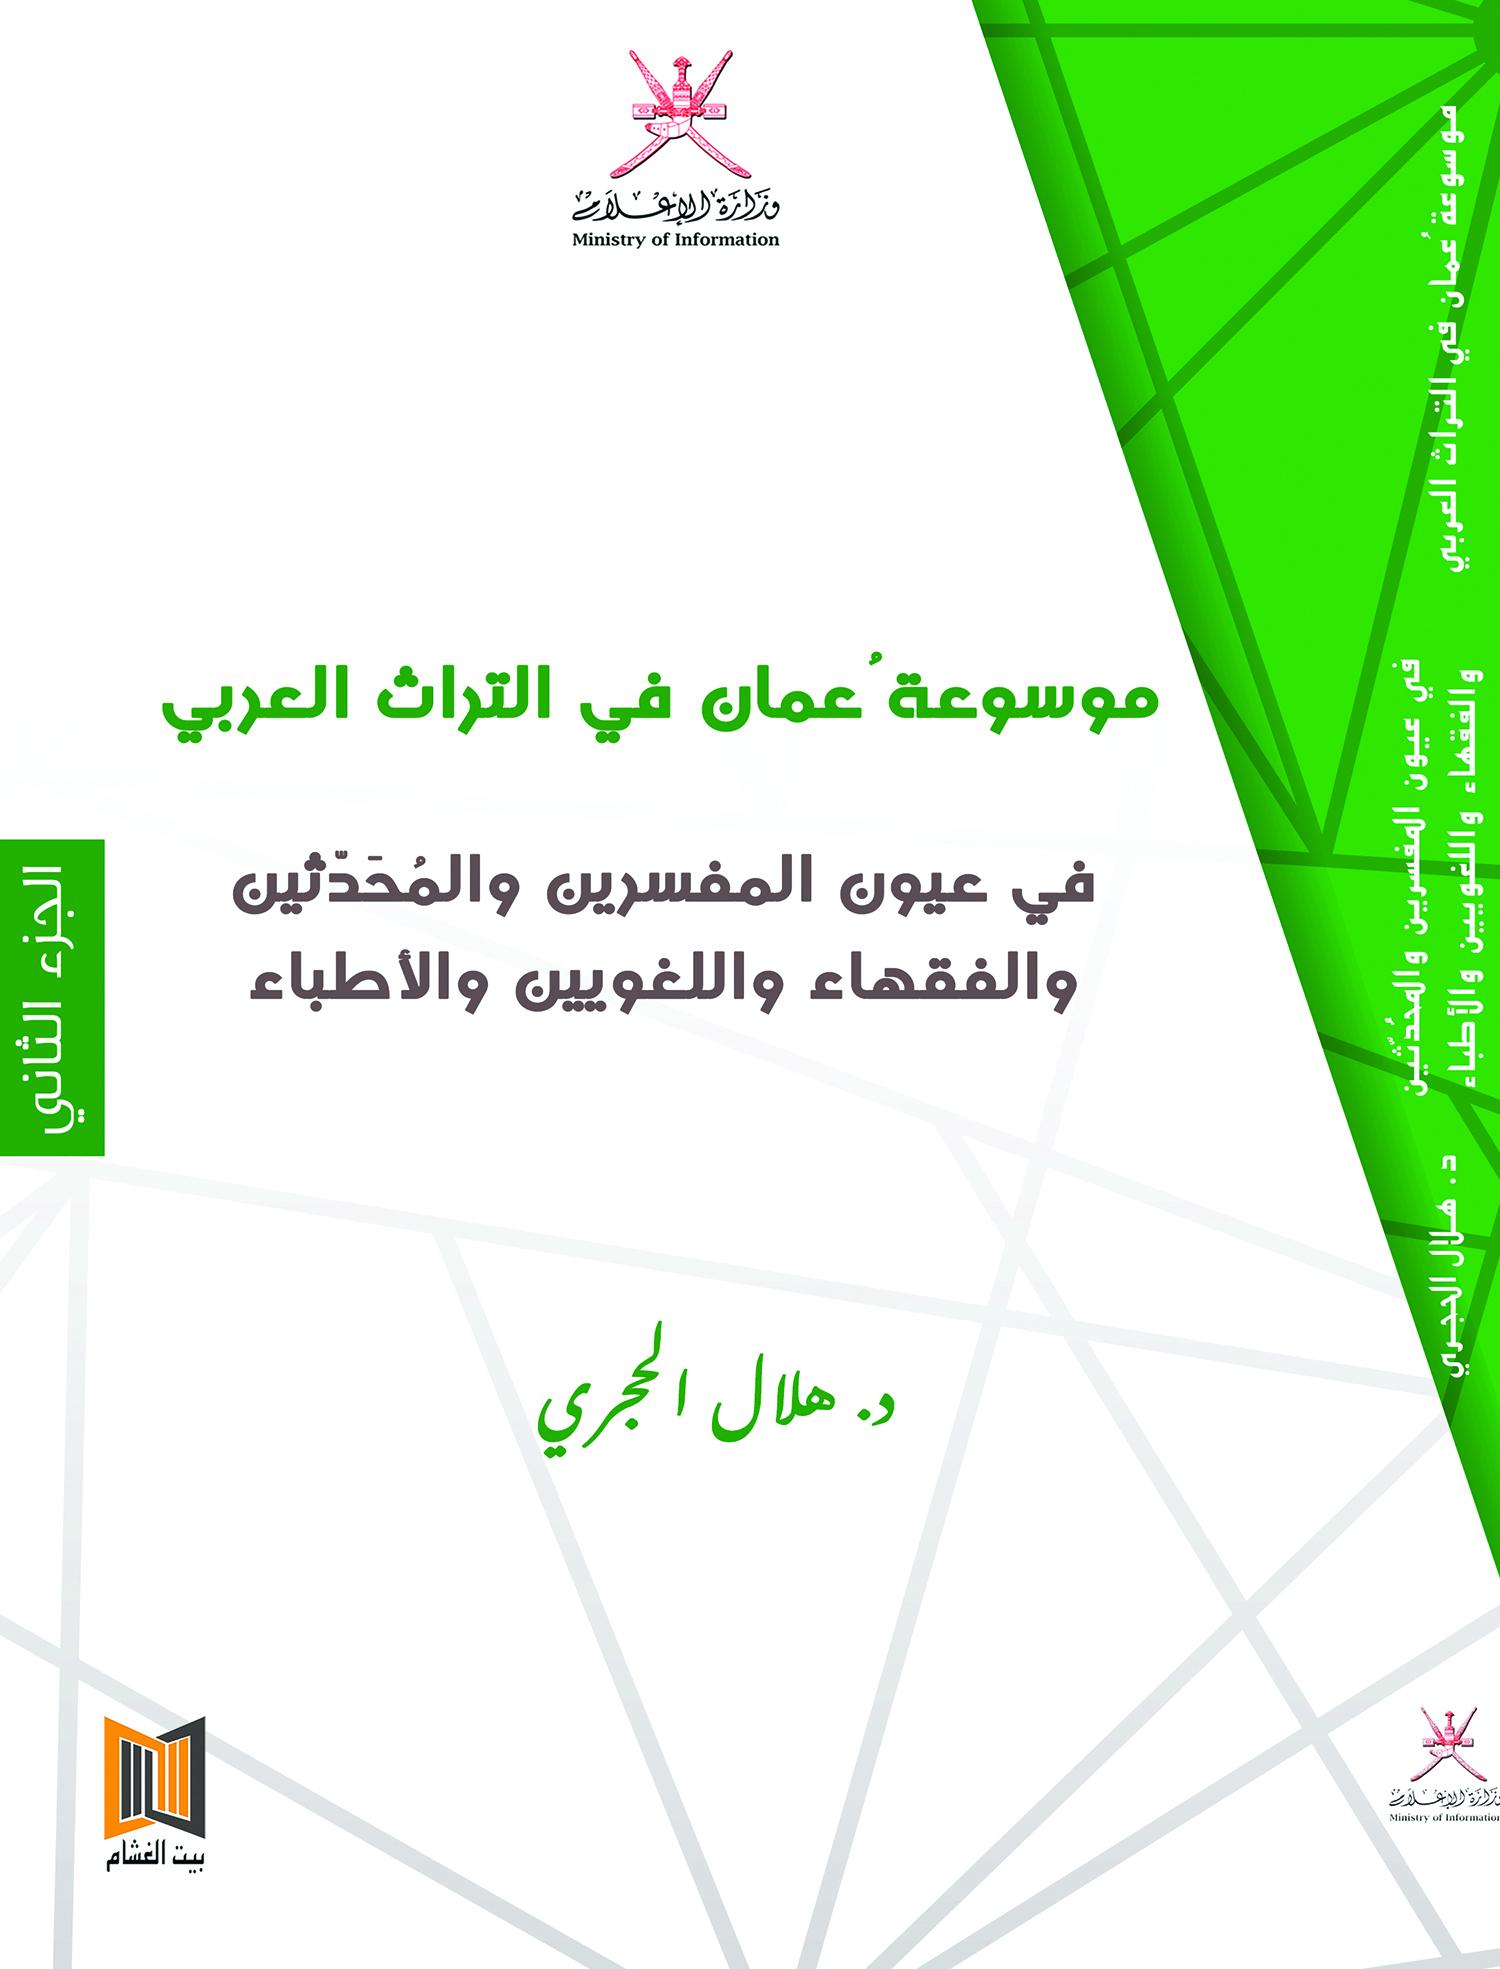 حفل توقيع موسوعة عُمان في التراث العربي.. اليوم